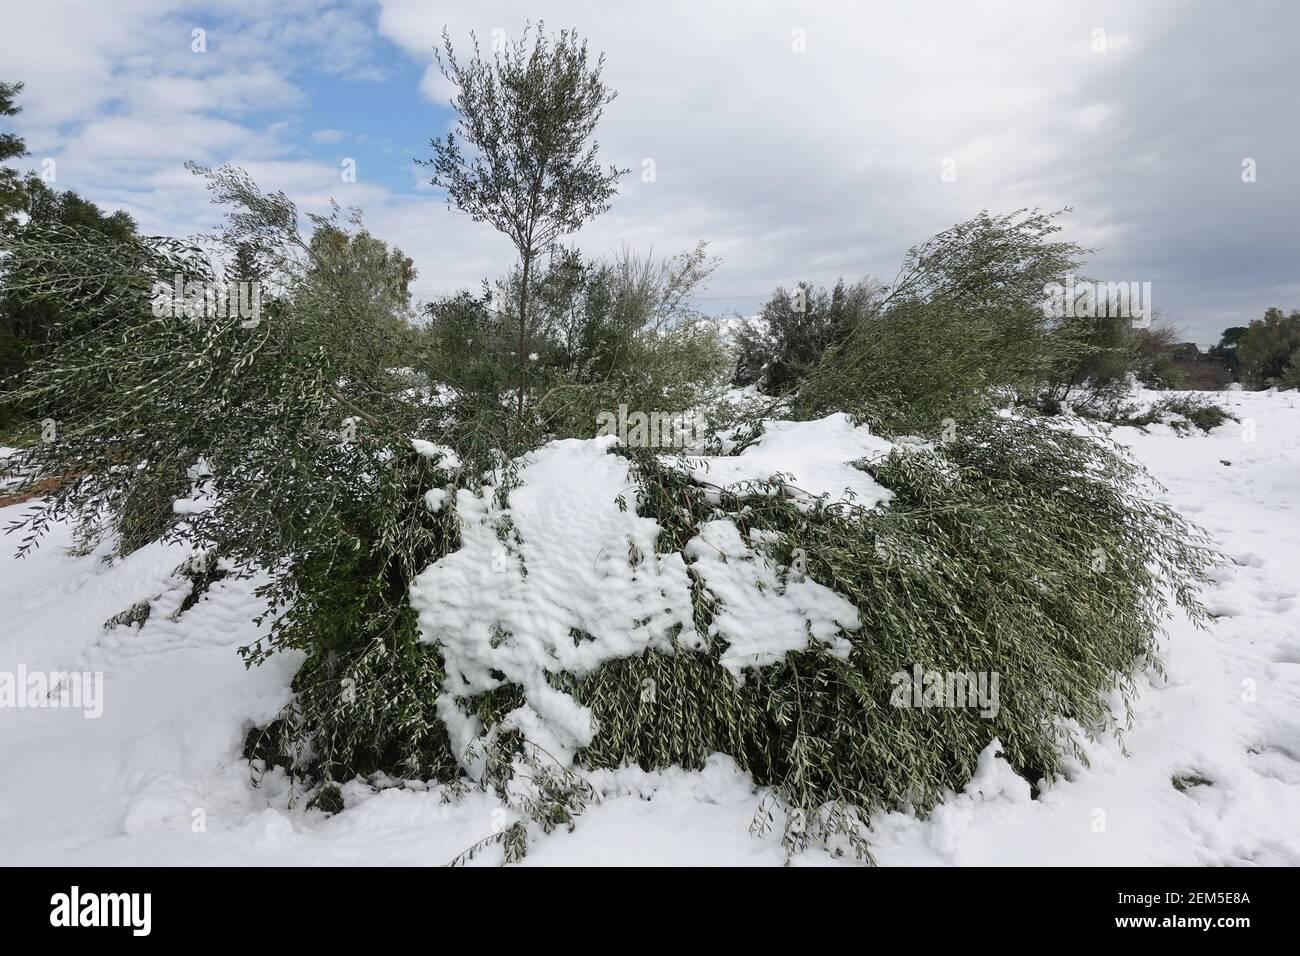 Olivi appiattiti sotto la neve dopo la tempesta di neve. Prodotto danneggiato. Foto Stock